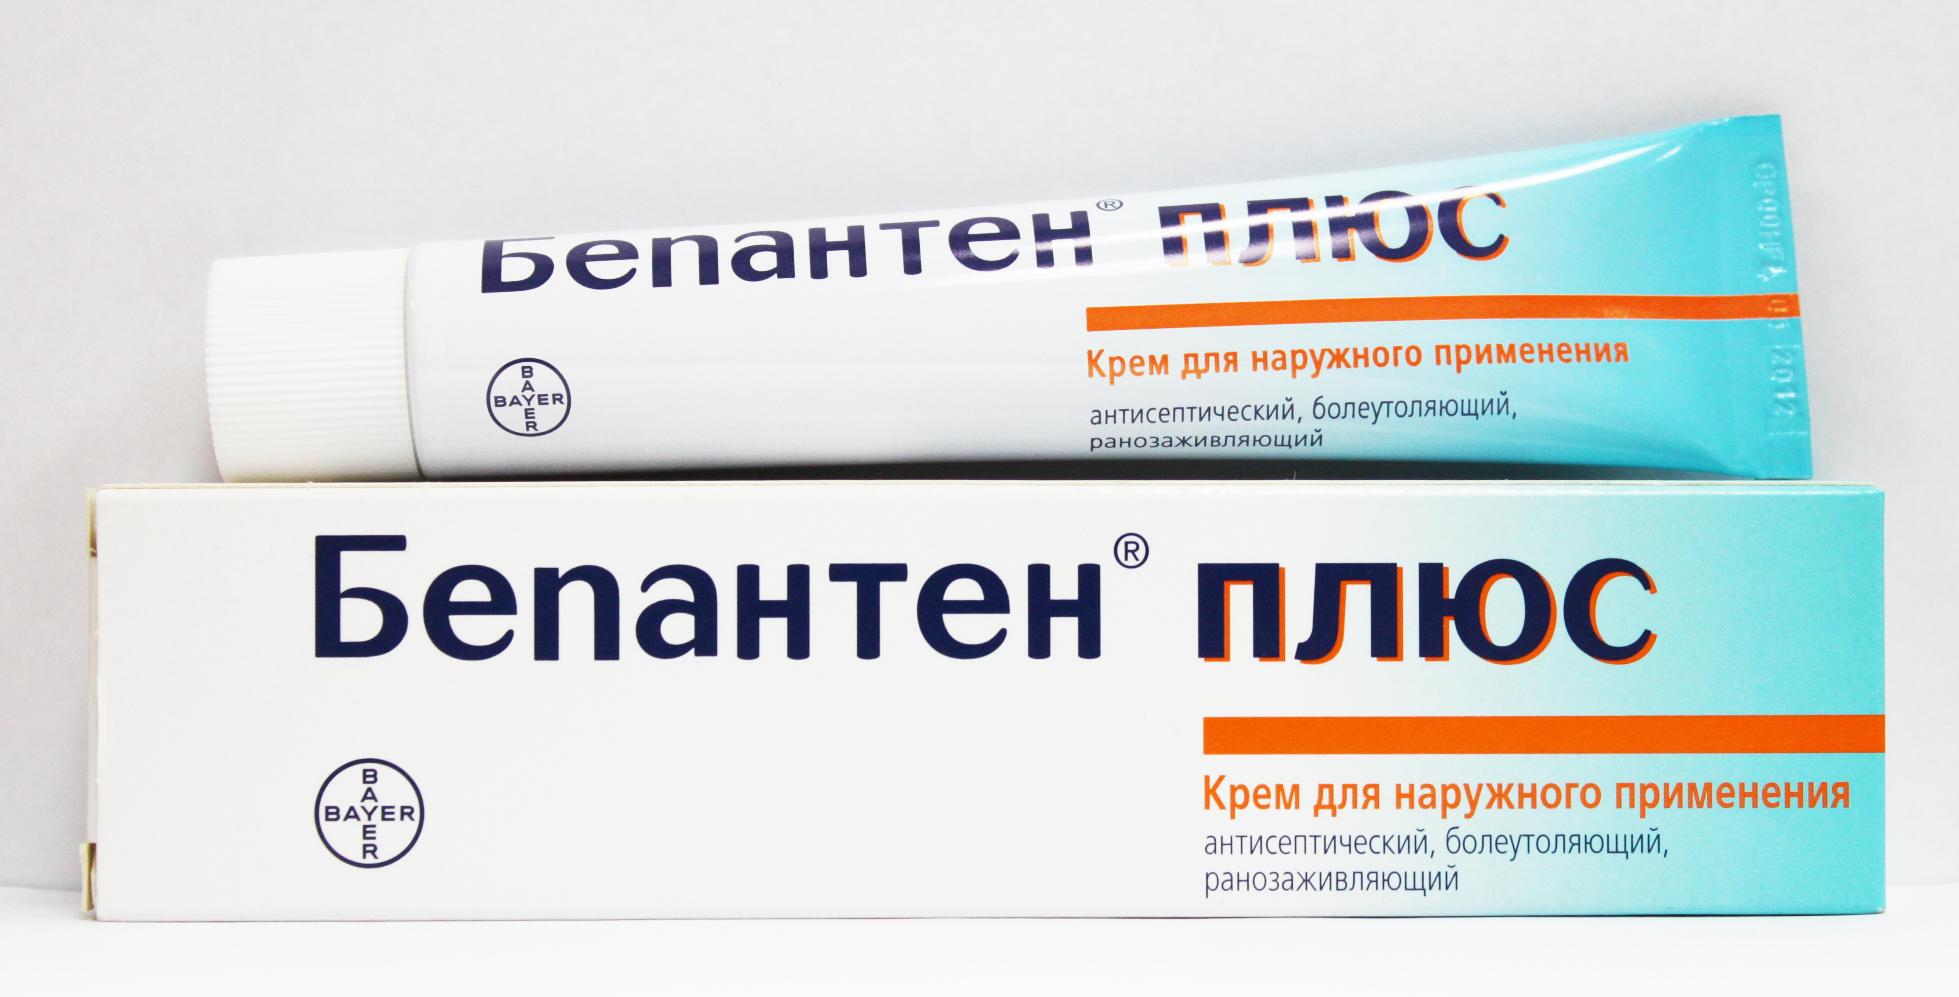 Что лучше бепантен или пантенол, в чем разница препаратов